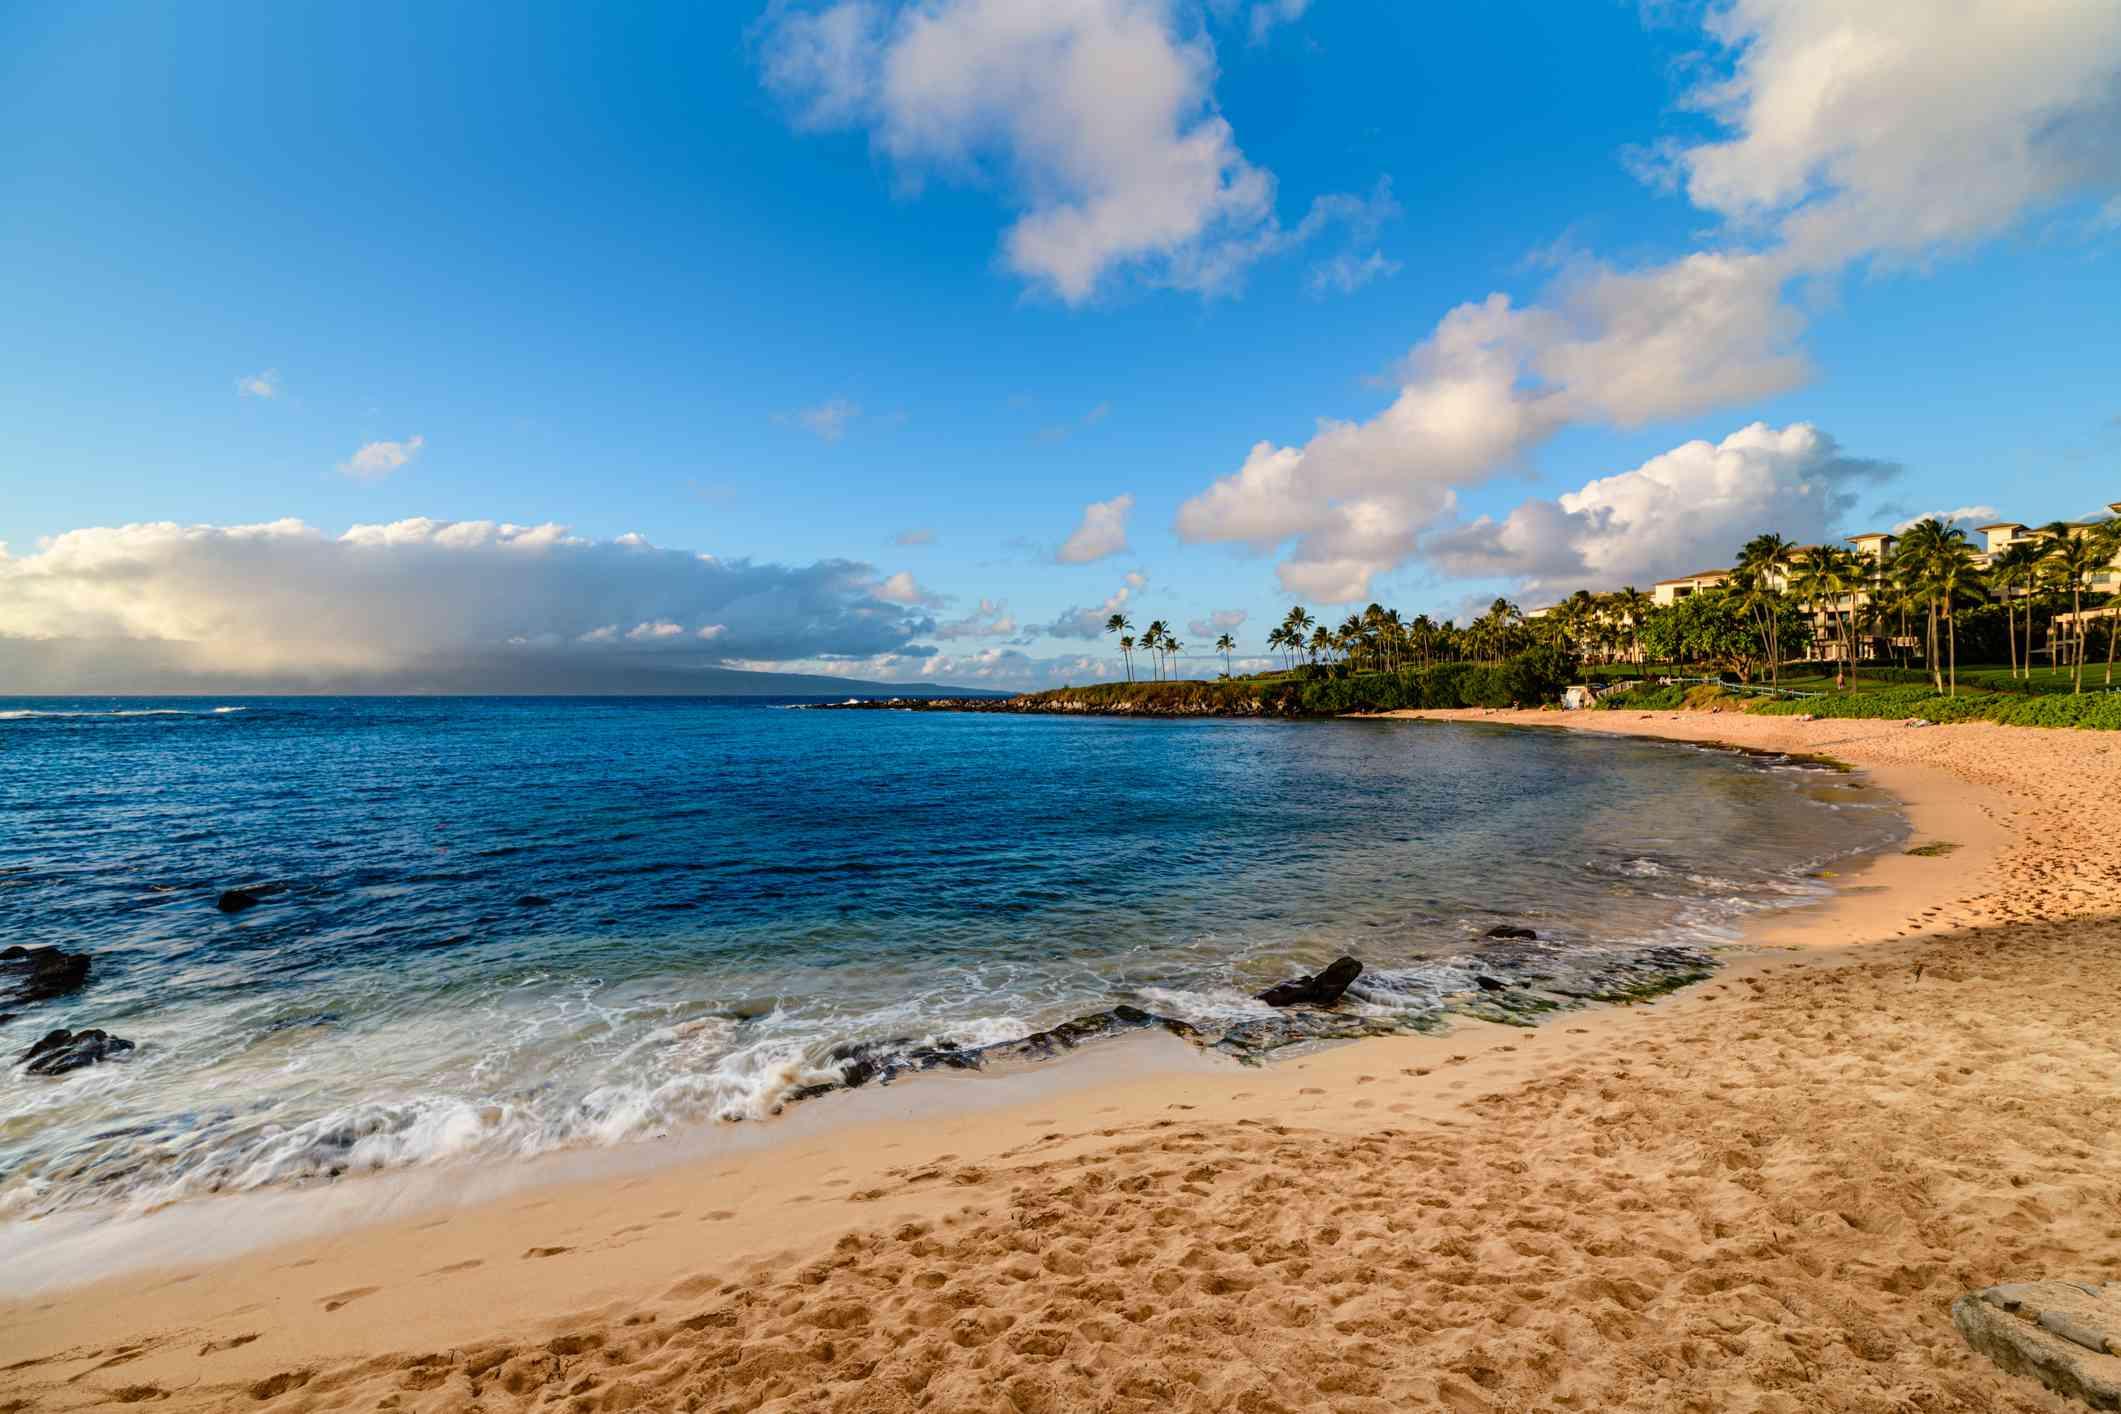 Kapalua Bay Beach on Maui